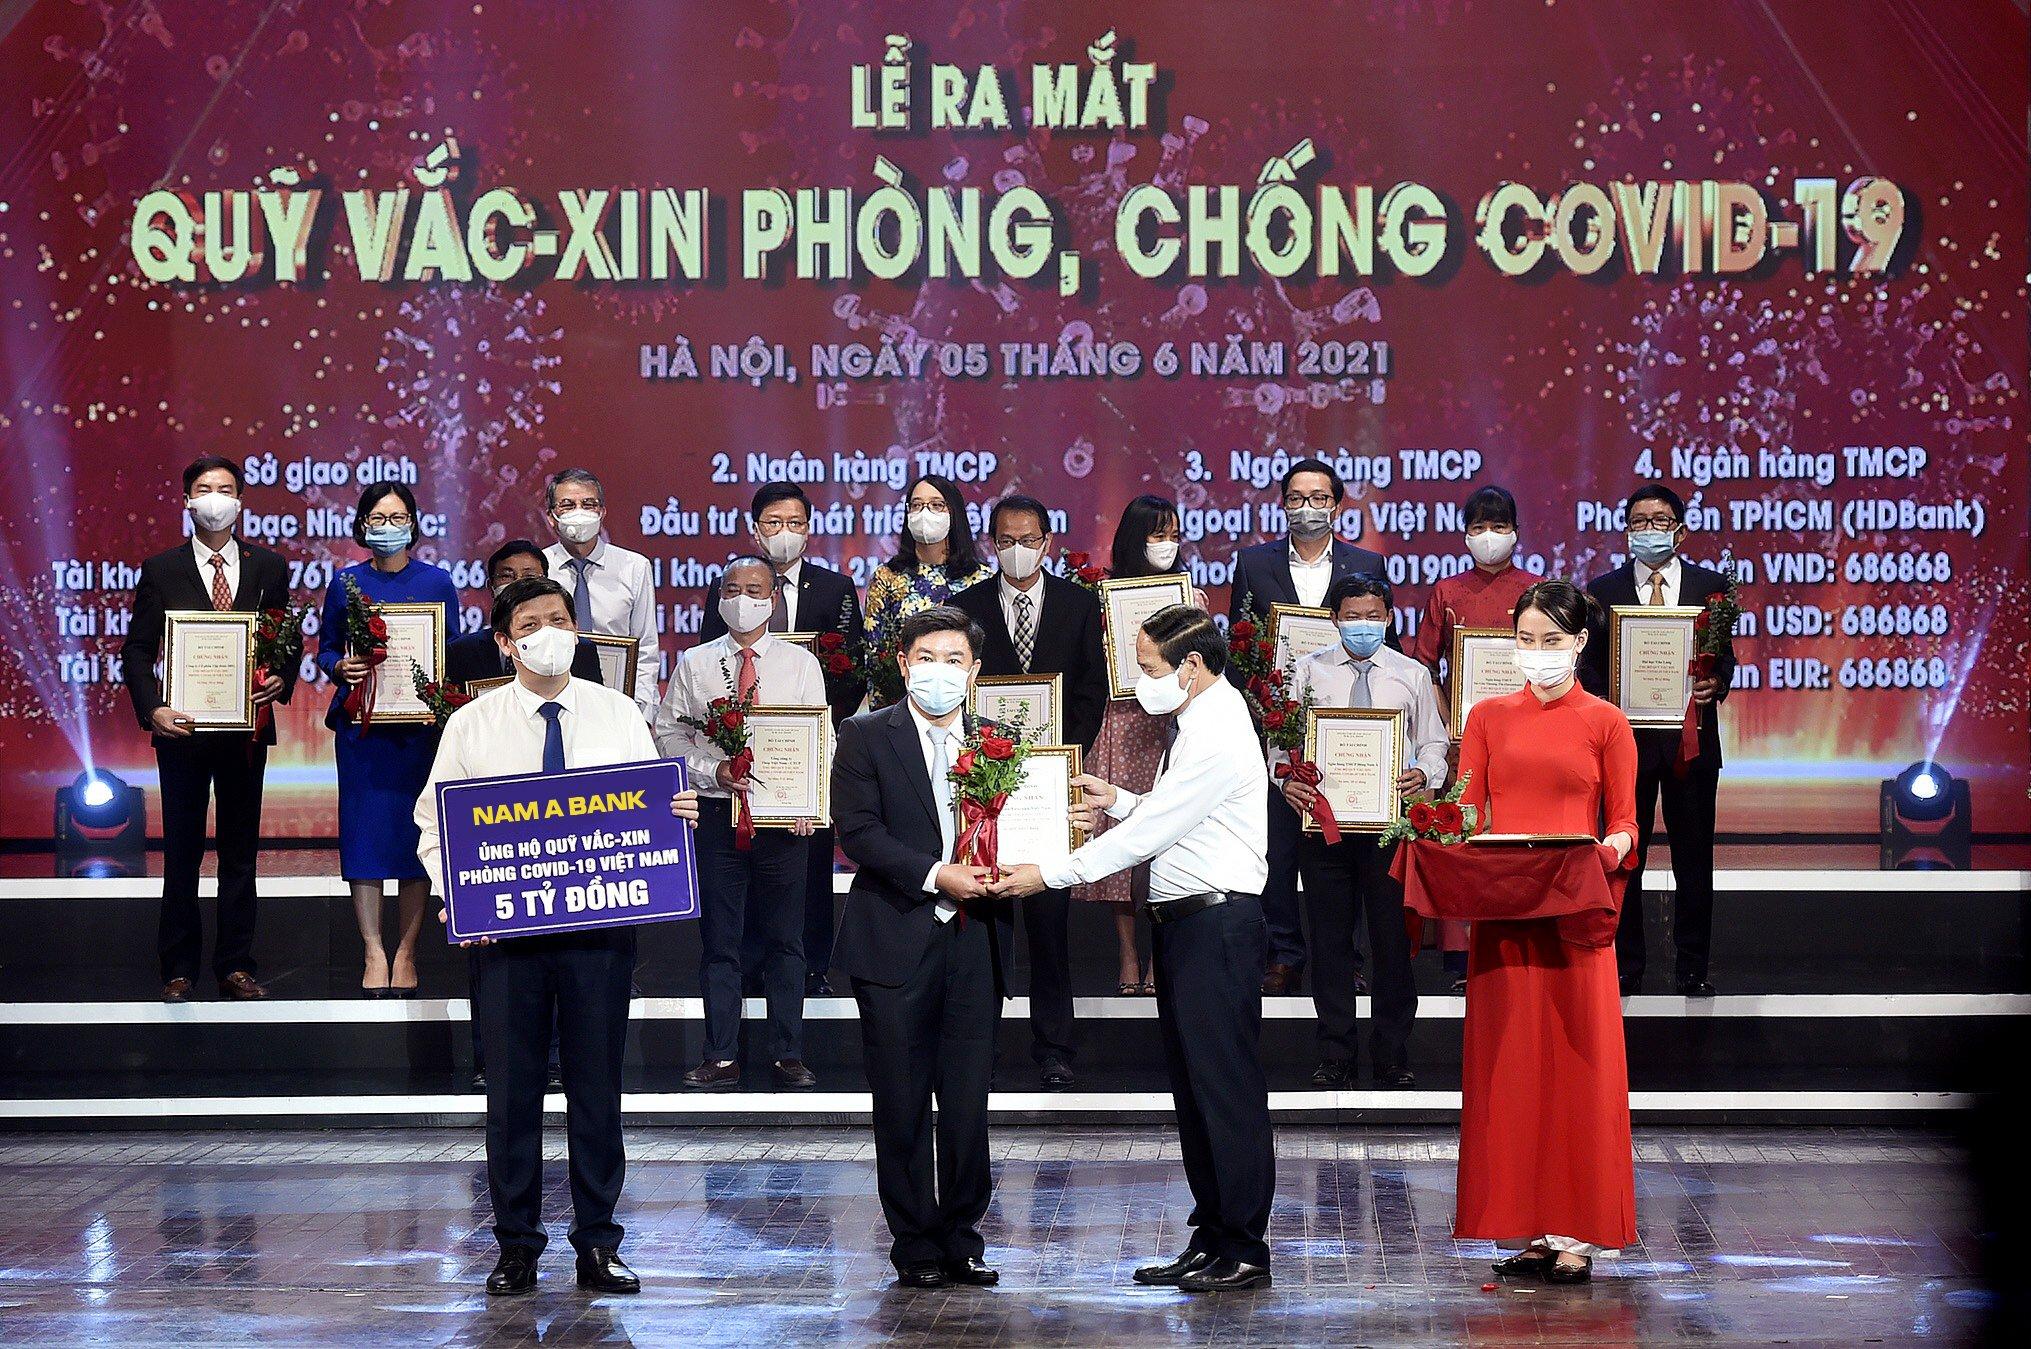 Đại diện Nam A Bank trao tặng 5 tỷ đồng ủng hộ Quỹ Vắc xin phòng, chống Covid-19